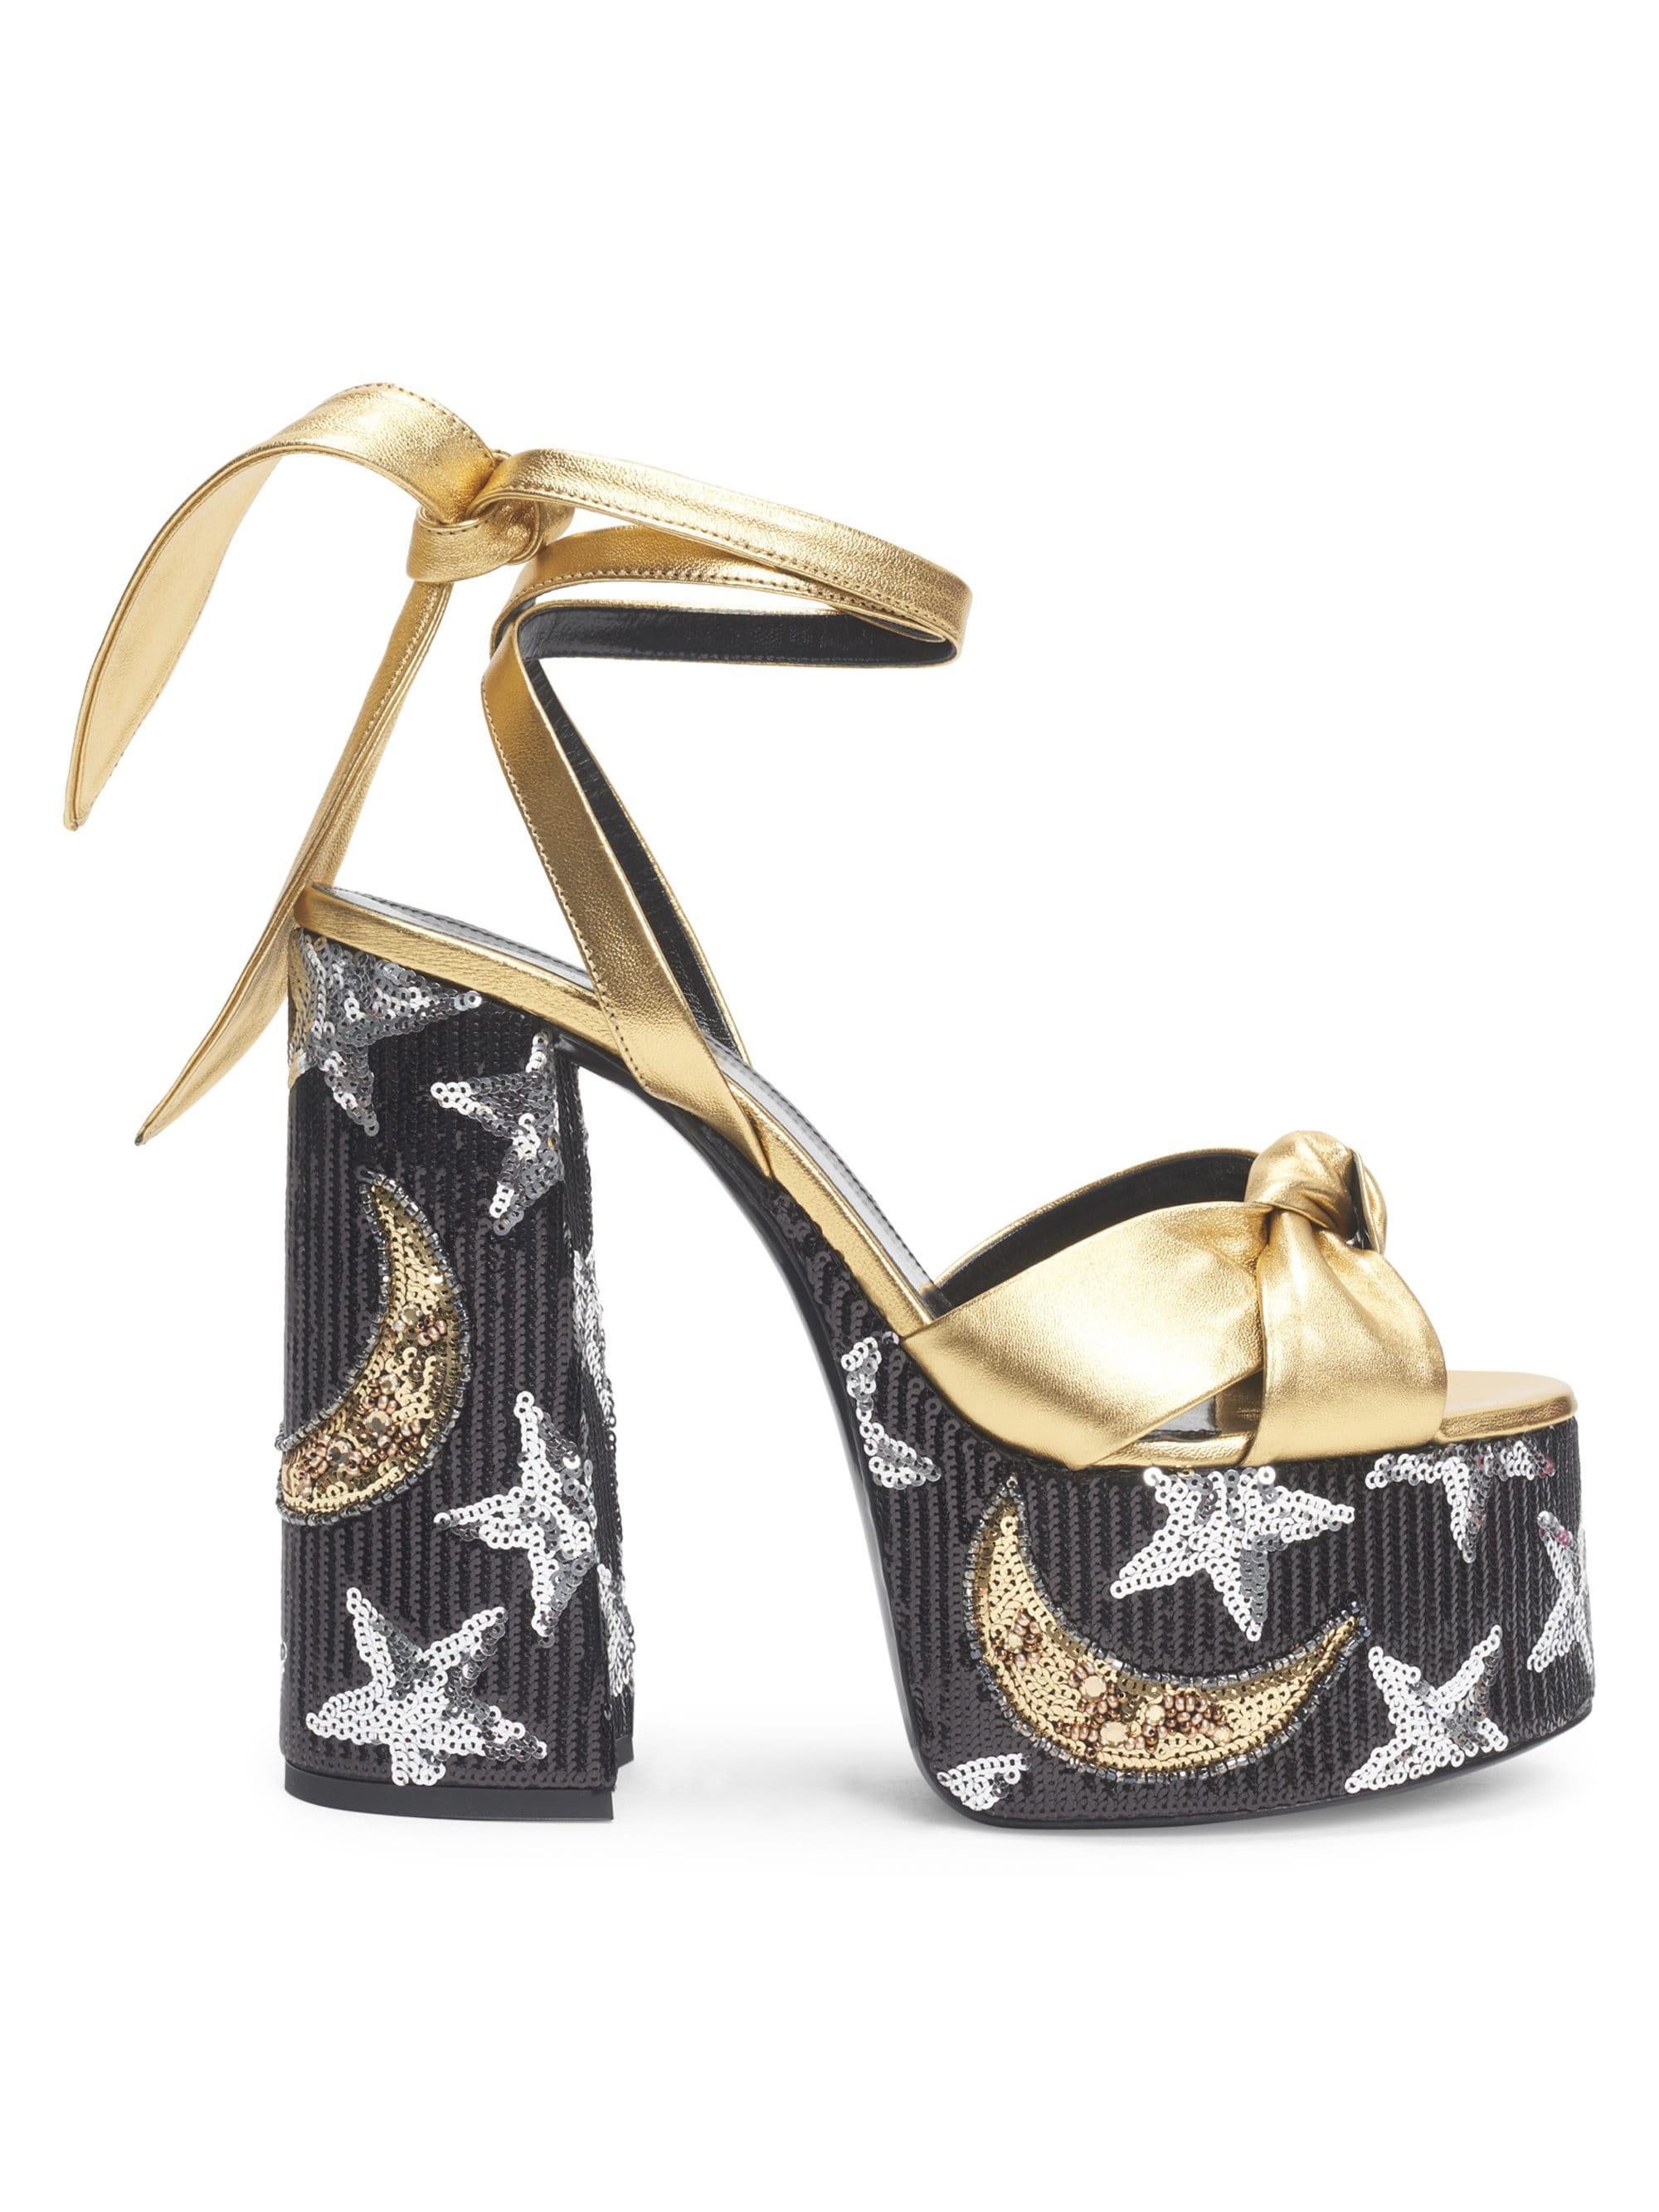 b31a3f7d628f Saint Laurent. Metallic Women s Paige Sequin Leather Platform Sandals - Gold